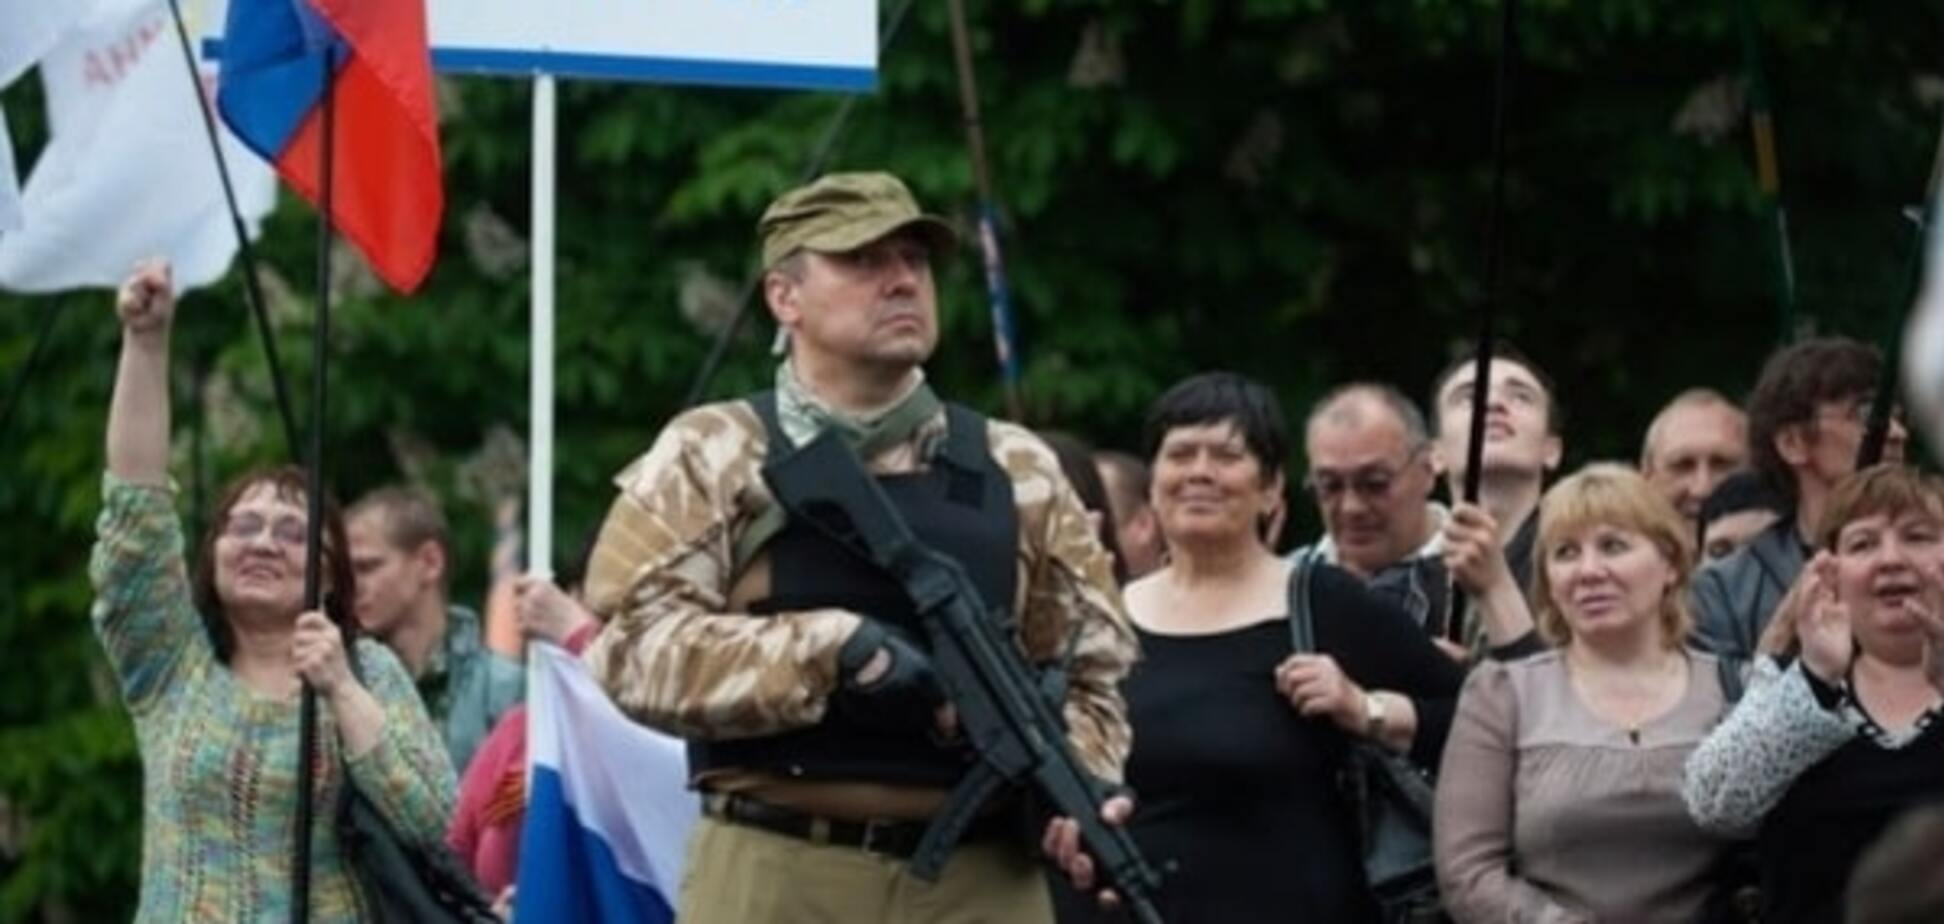 Террористы 'ЛНР' разрешили работать ООН на подконтрольных территориях